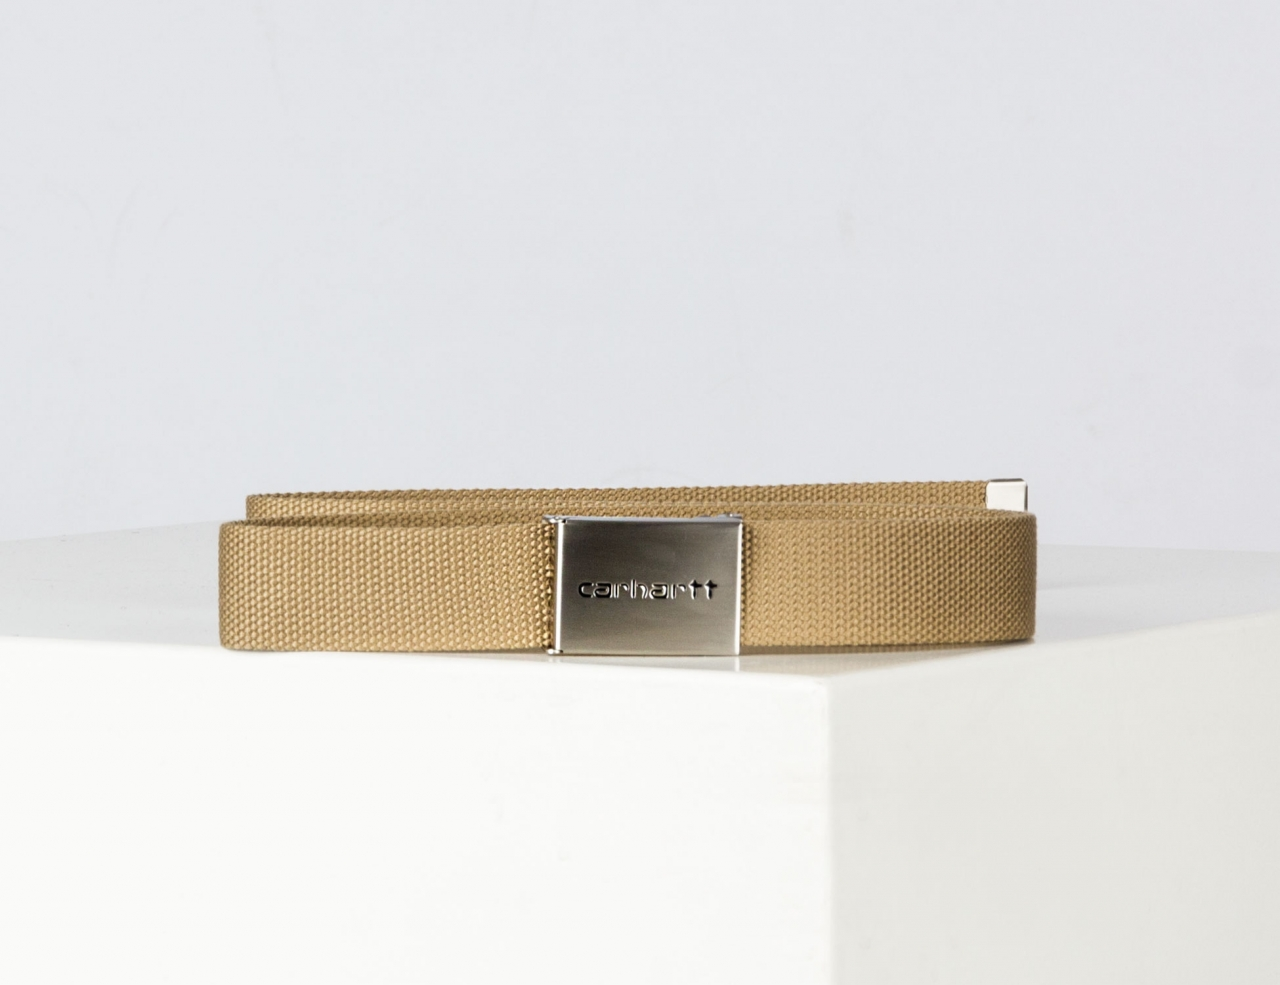 Carhartt WIP Chrome Clip Gürtel - Leather